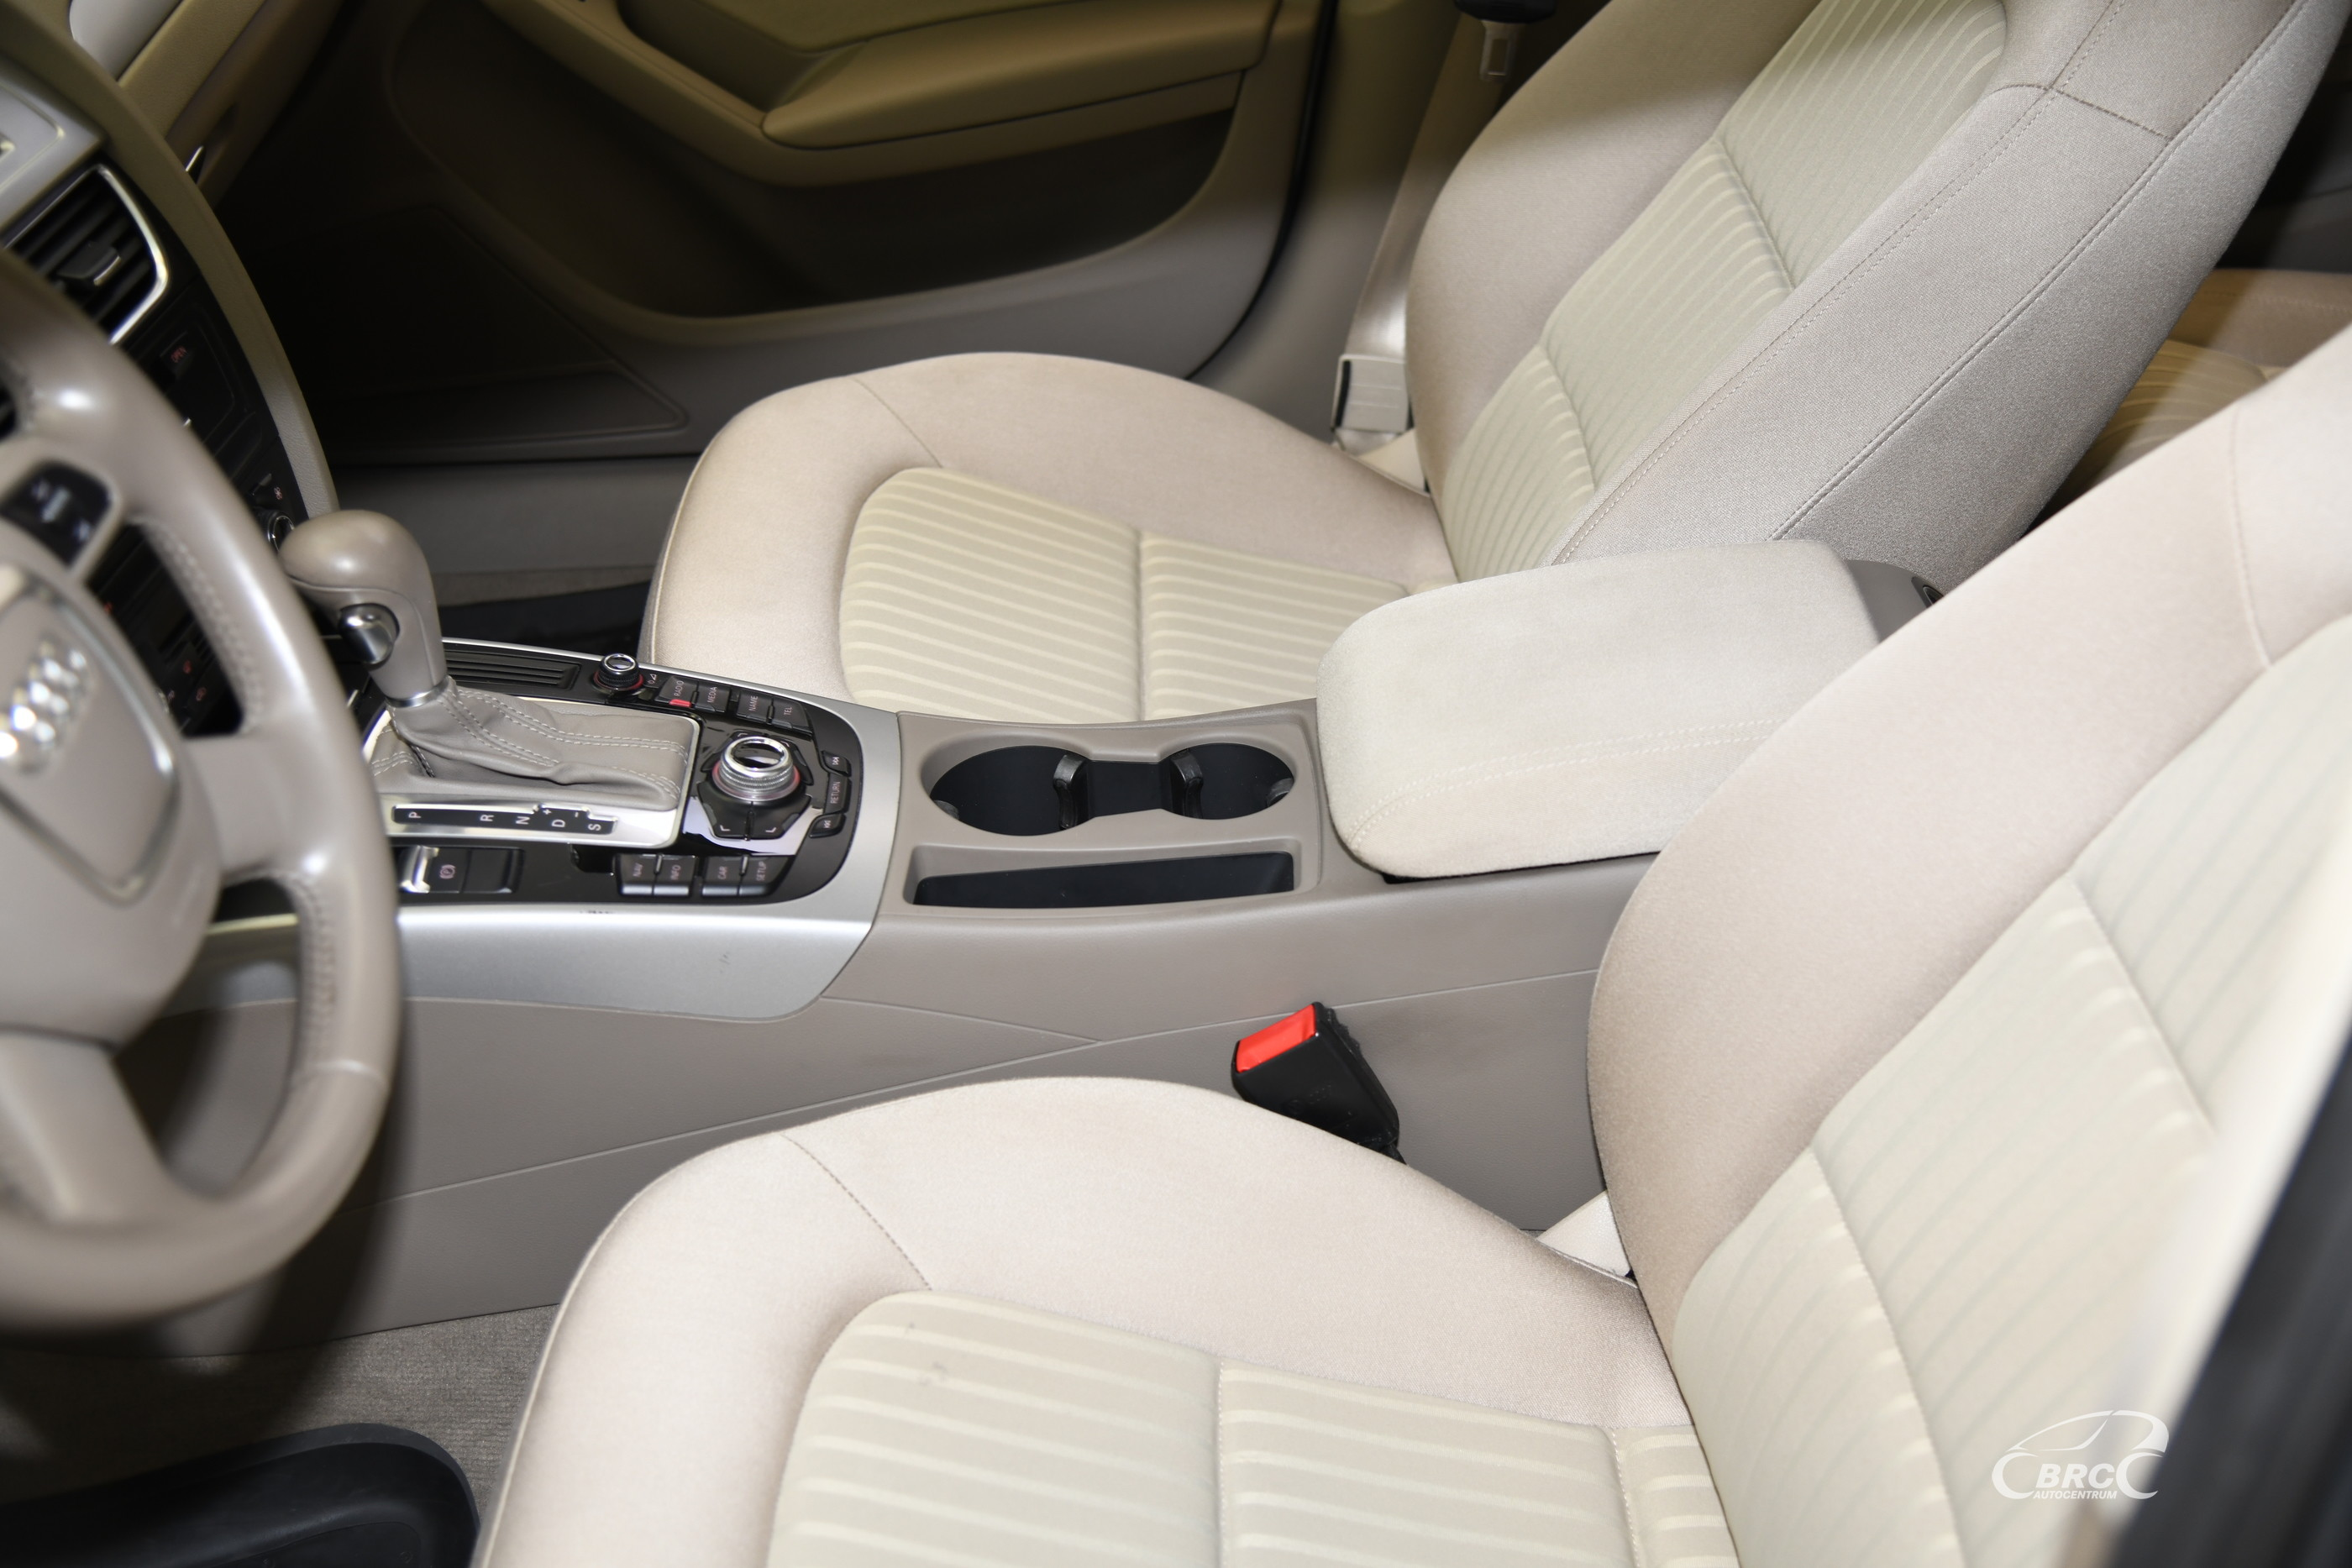 Audi A4 3.0 TDI Quattro Avant Automatas